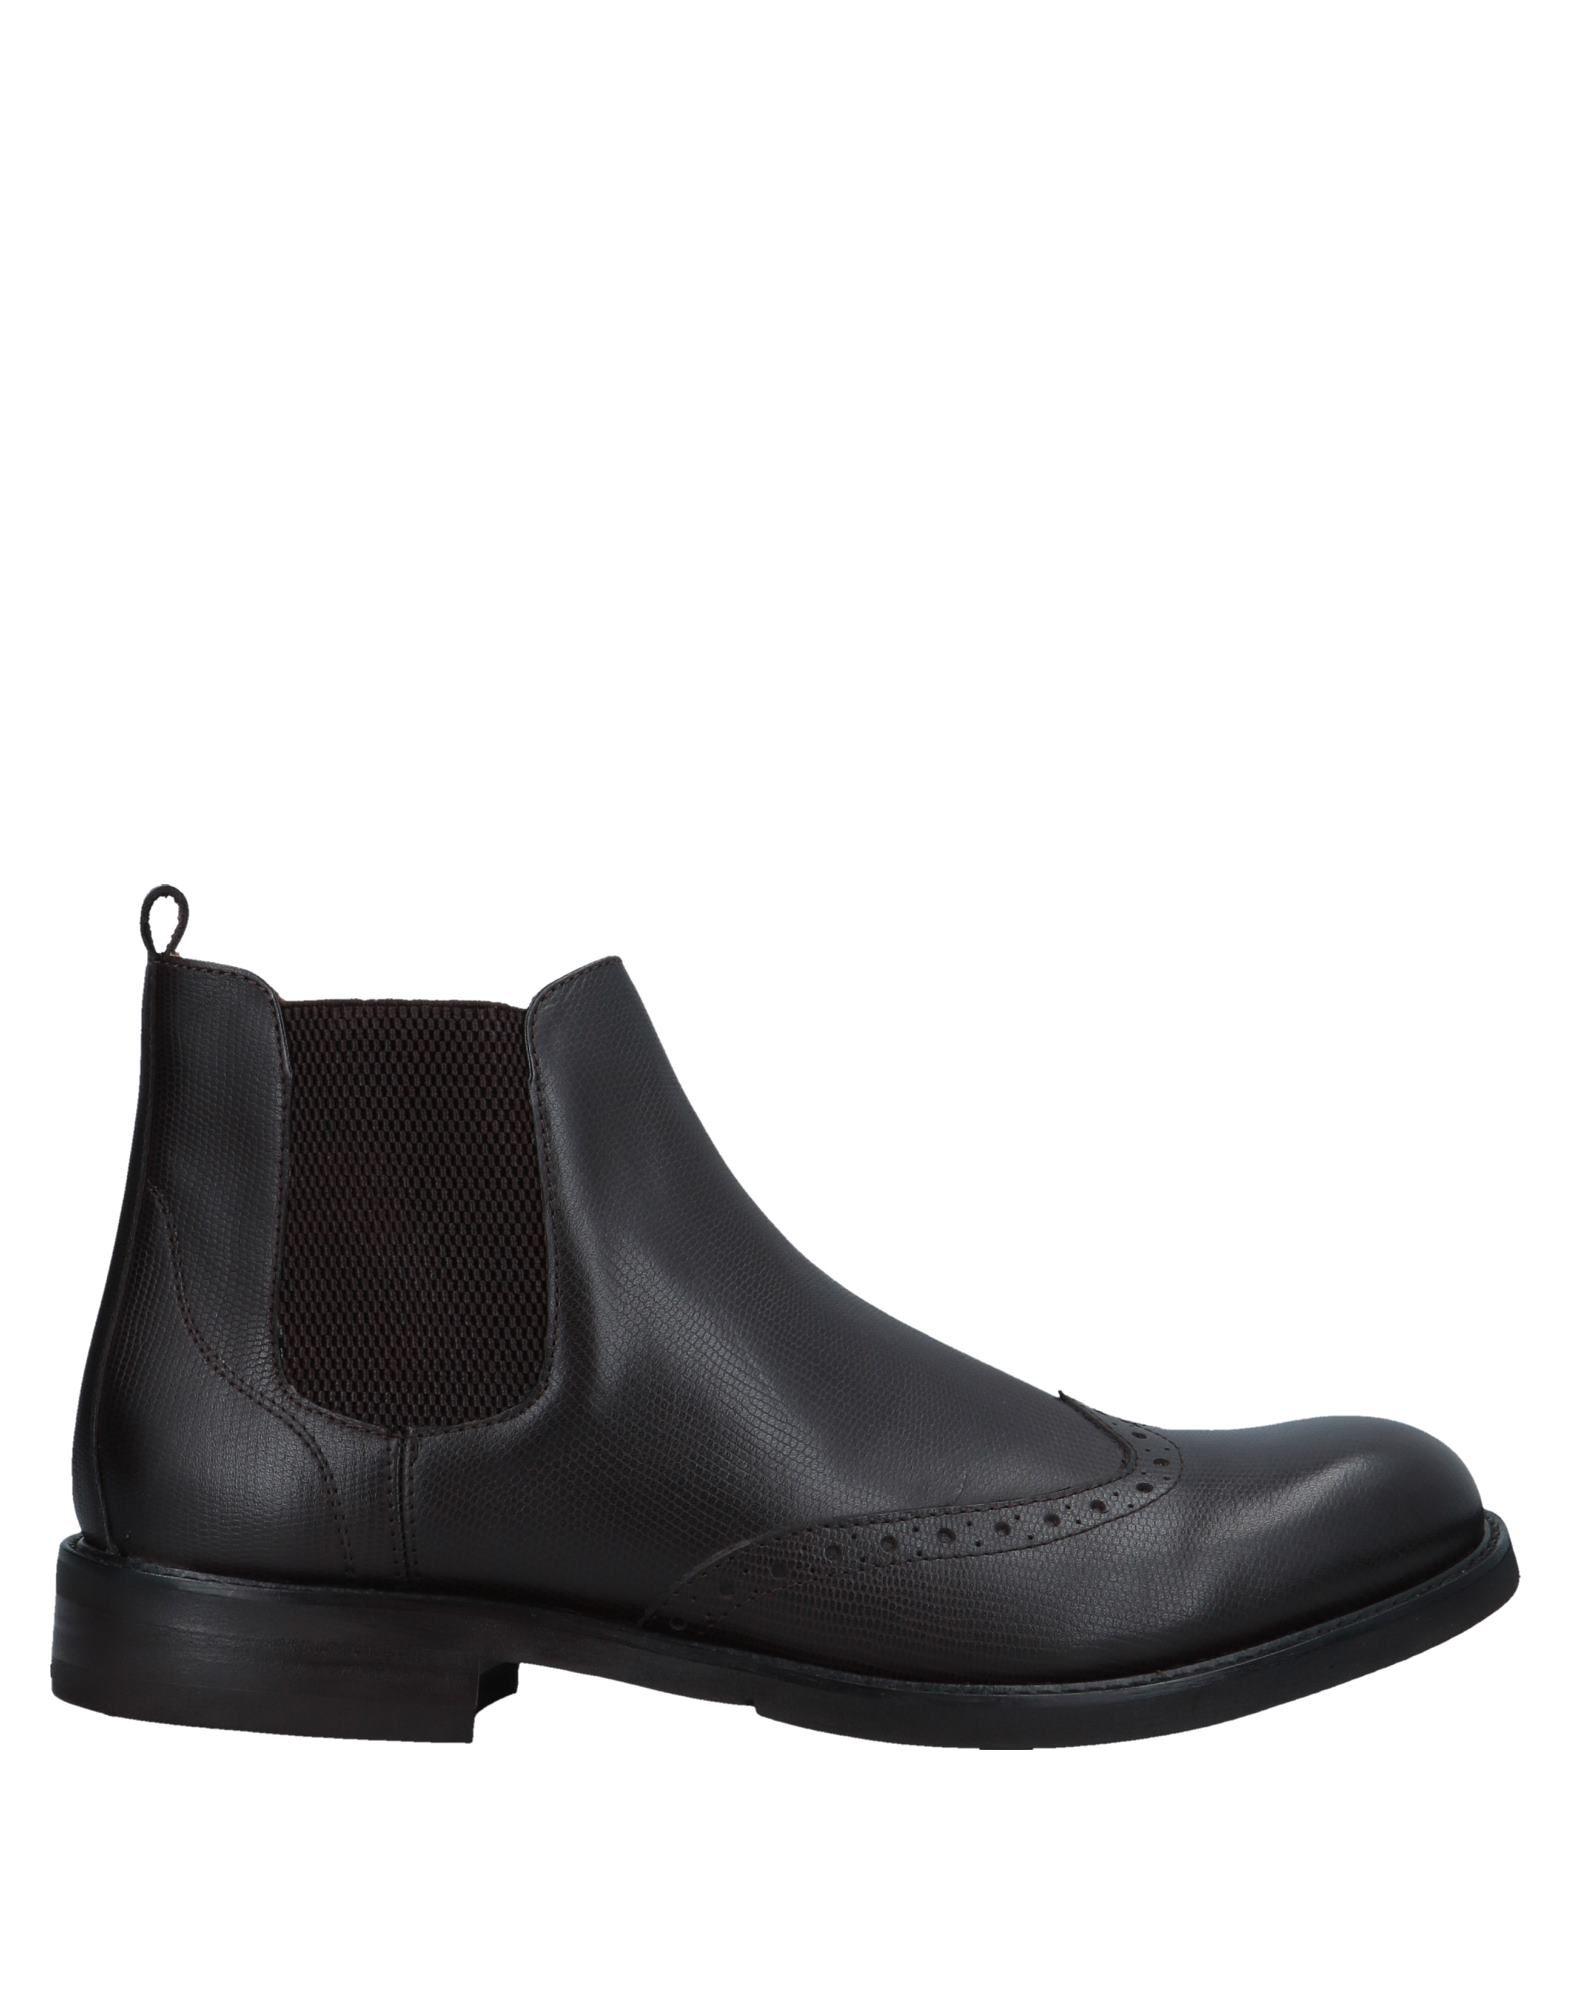 Zolfo Zolfo Zolfo Boots - Men Zolfo Boots online on  Canada - 11557336VI 98847b